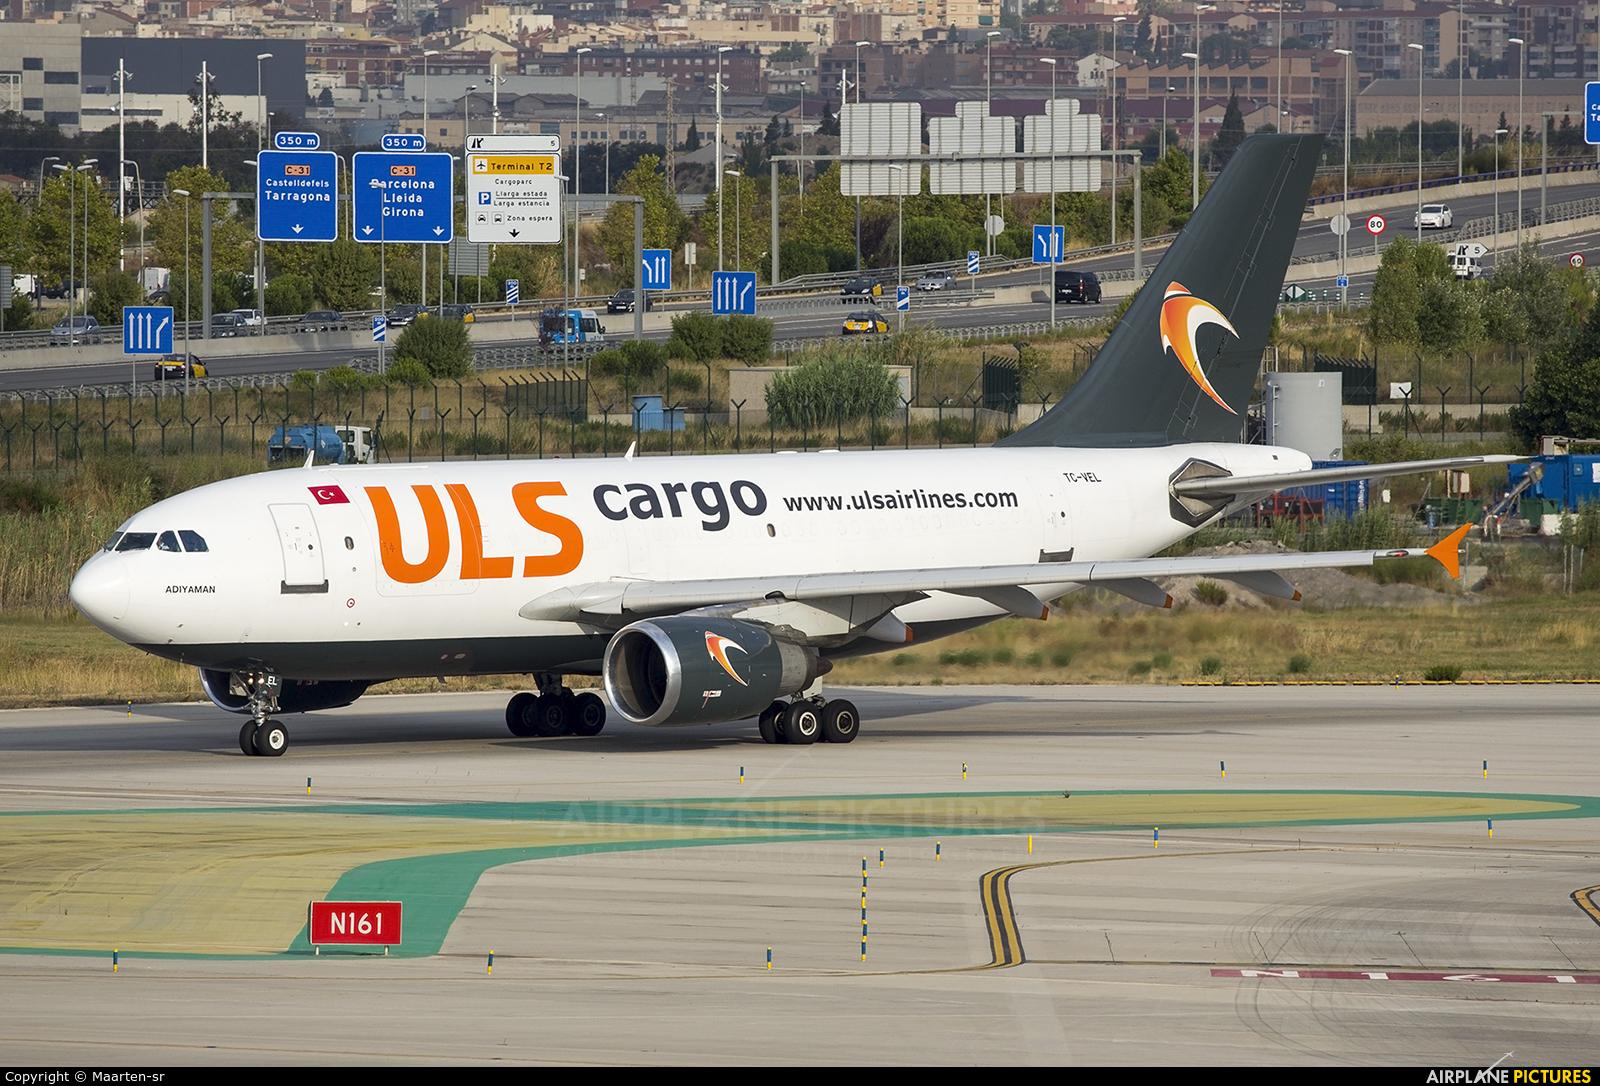 ULS Cargo TC-VEL aircraft at Barcelona - El Prat